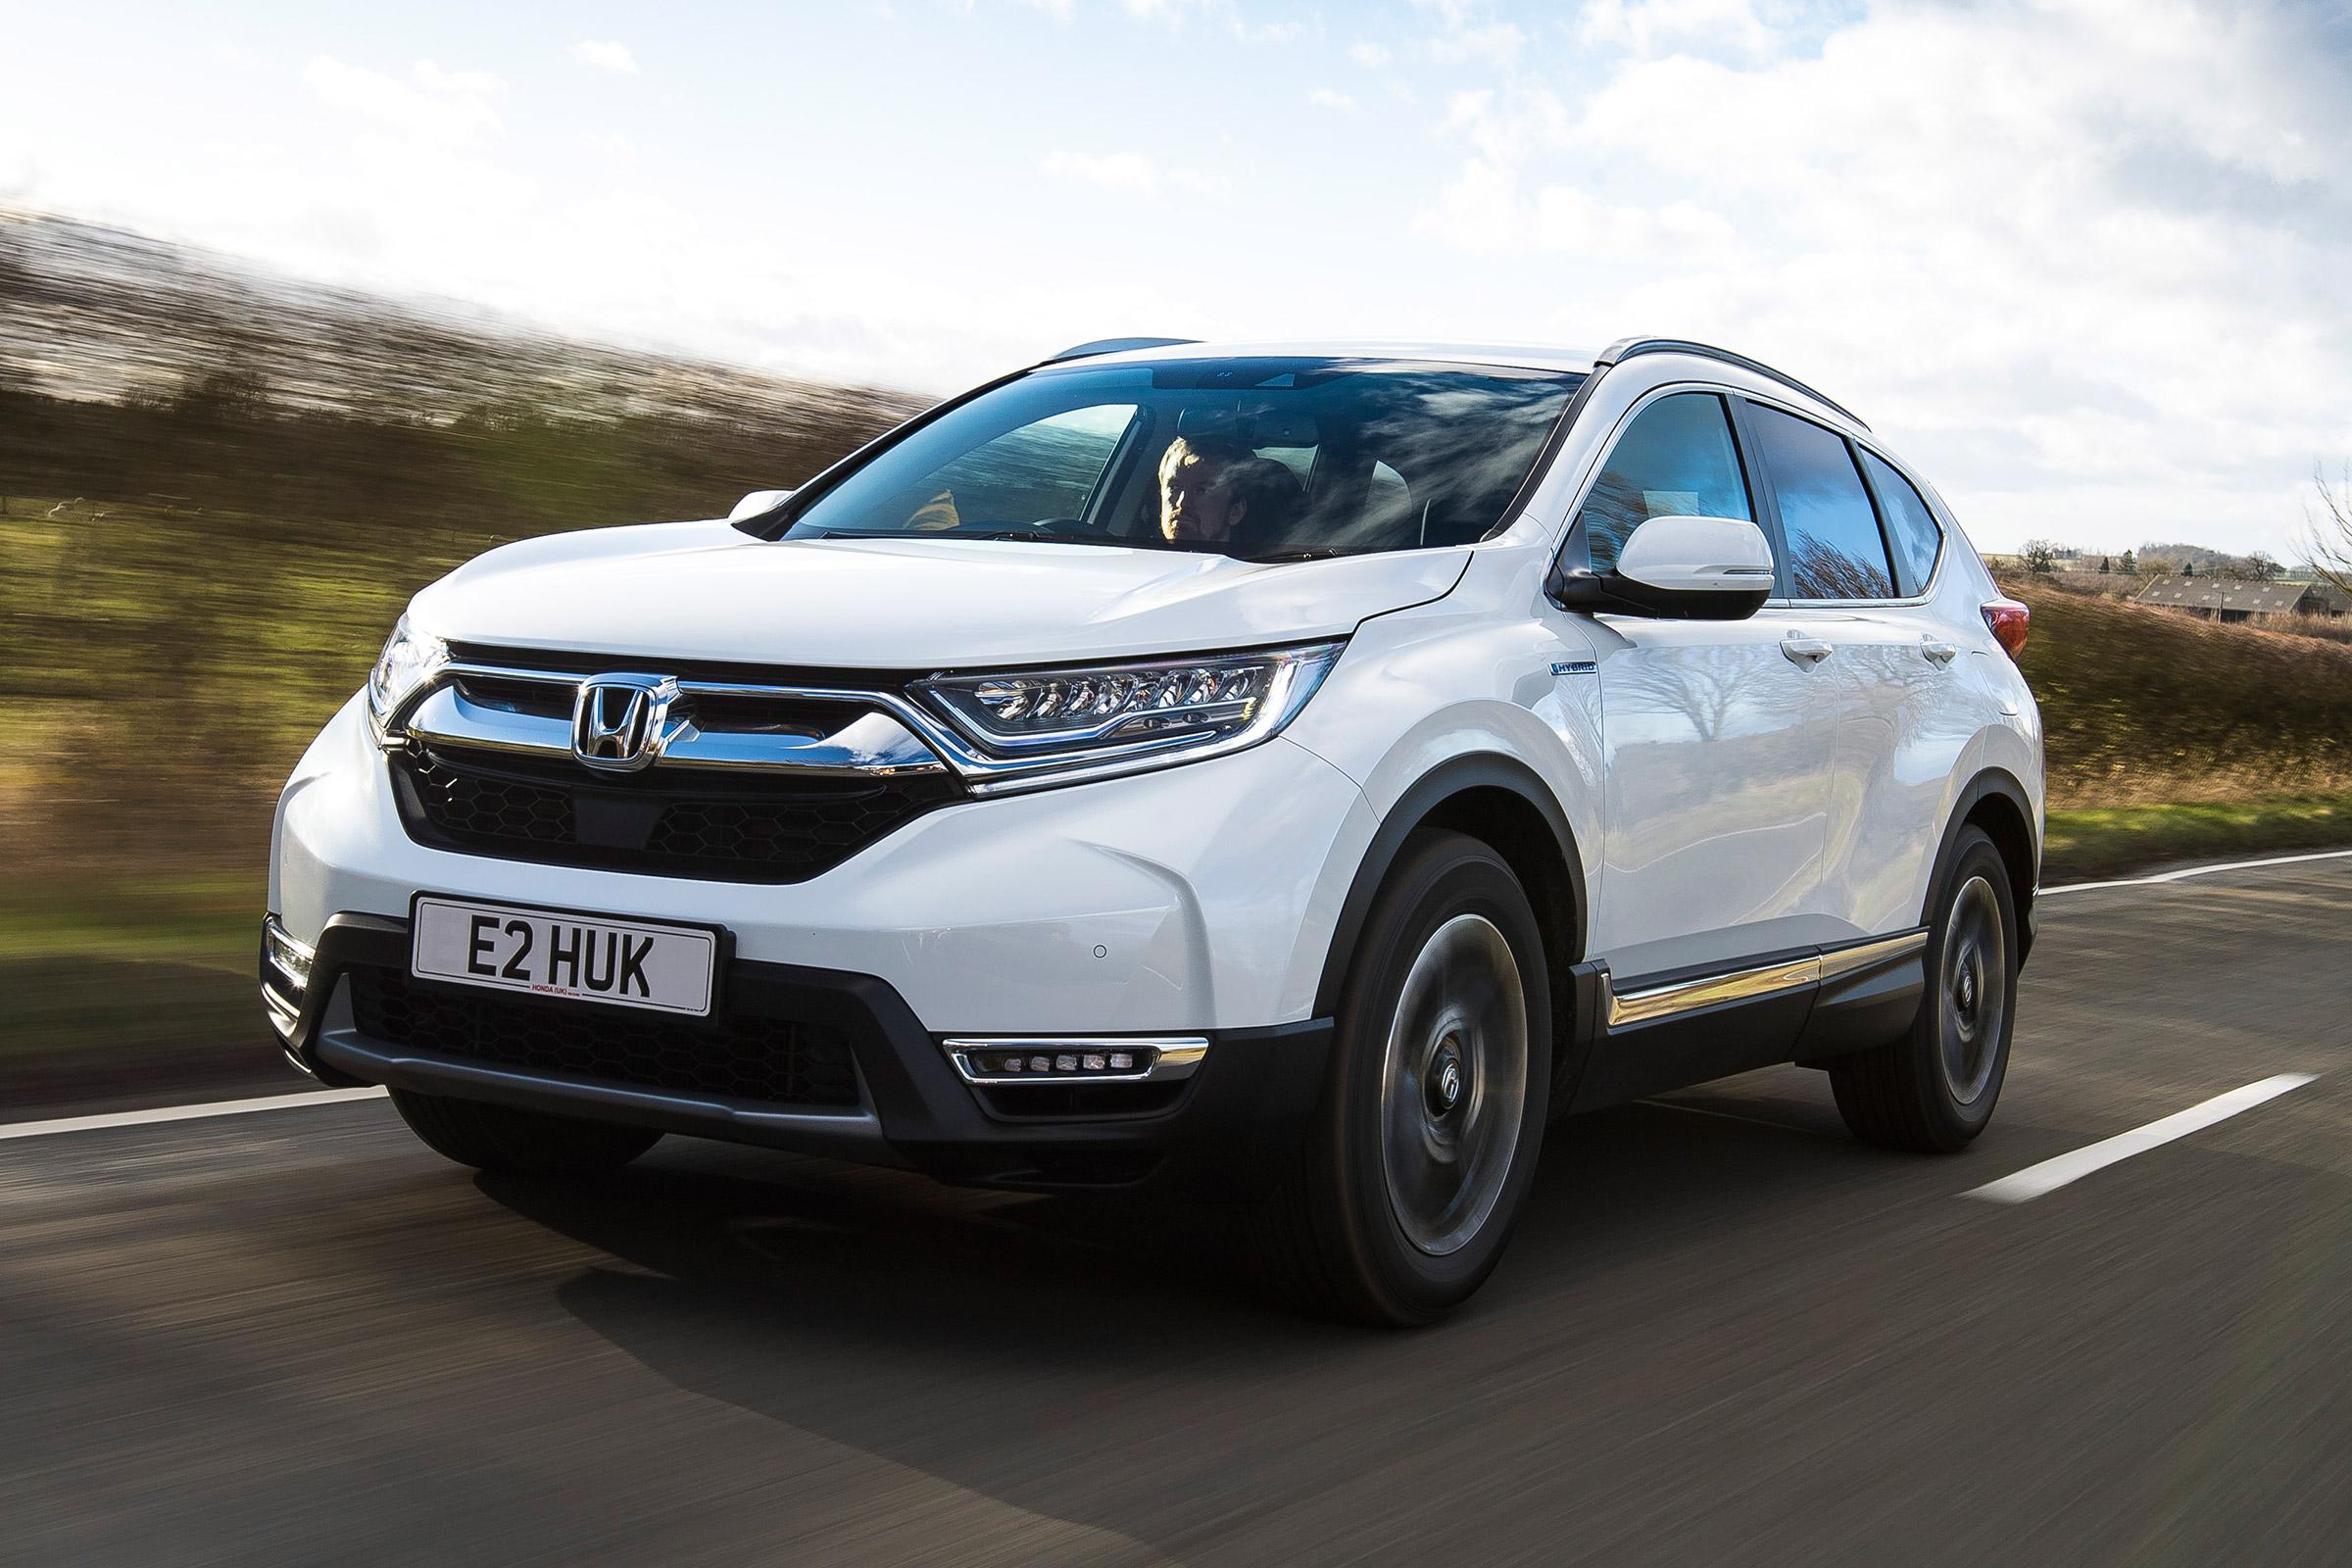 Kelebihan Kekurangan Honda Cr V Hybrid 2019 Tangguh